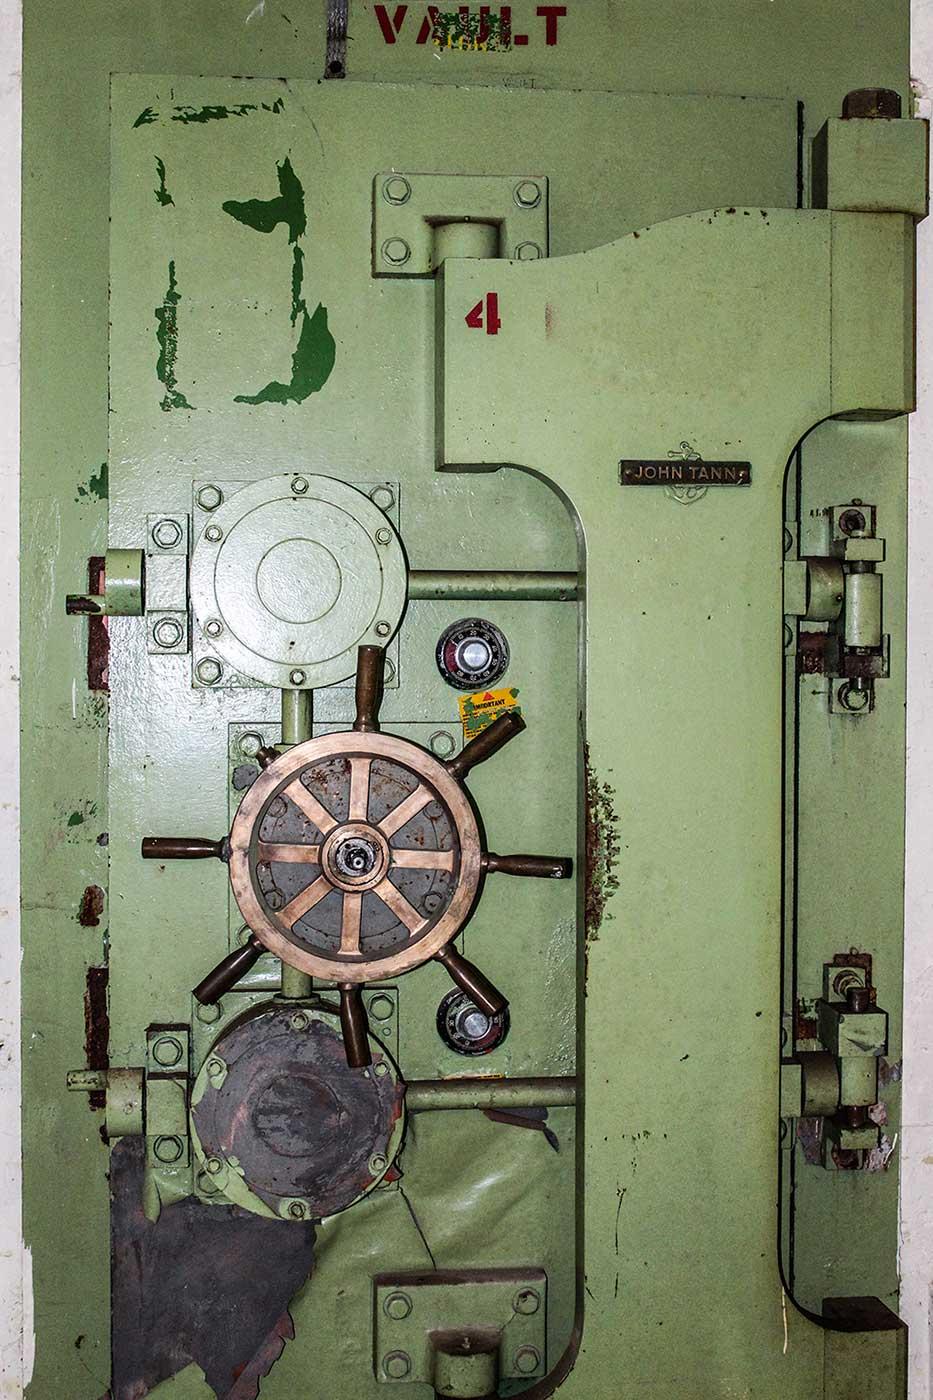 USAF Upper Heyford - 7 Bomb Store 9